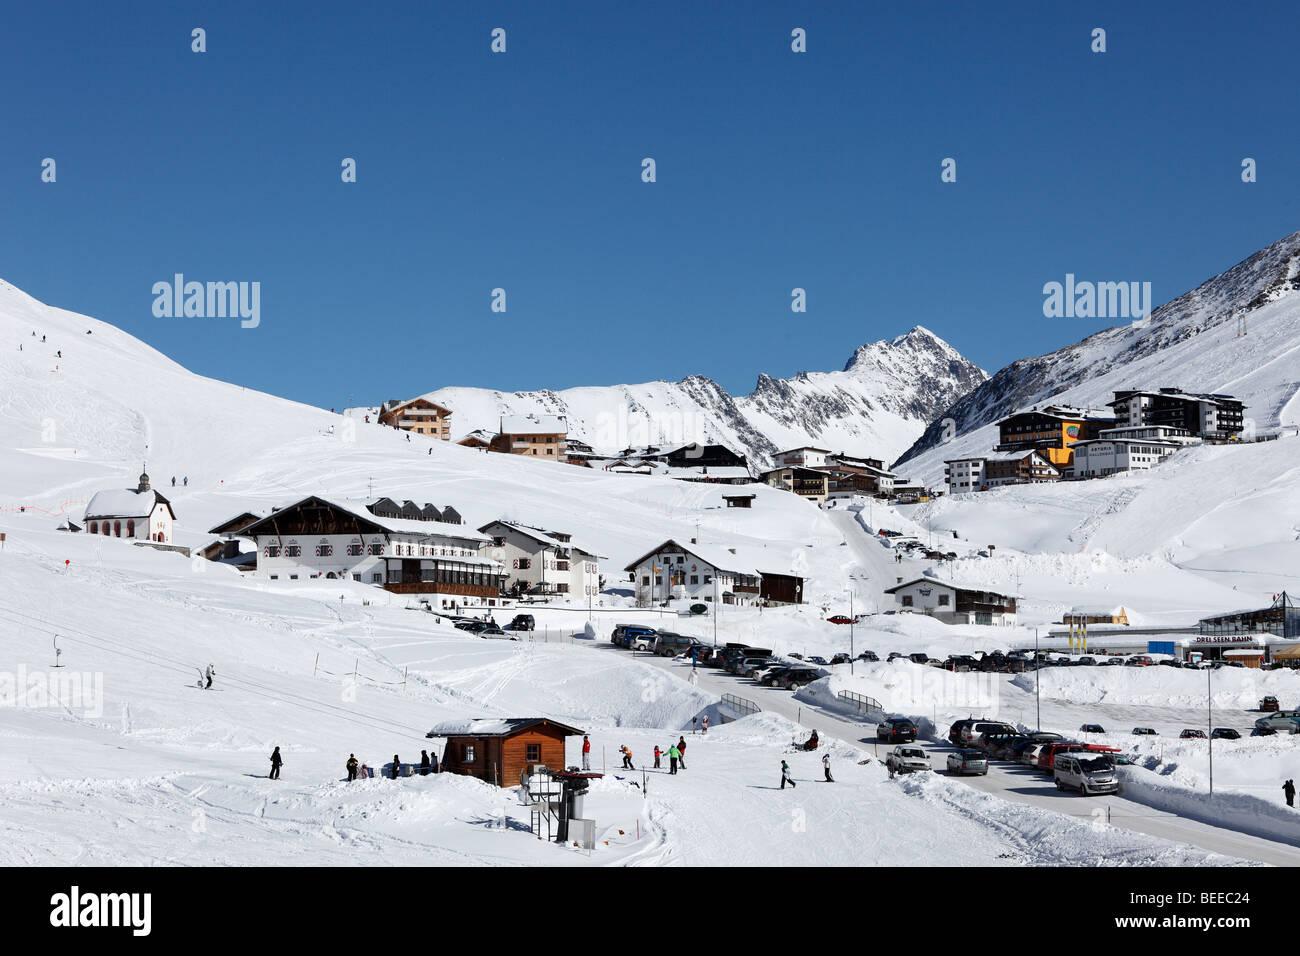 Skiing resort Kuehtai-Sattel, village Kuehtai, Stubai Alps, Tyrol, Austria - Stock Image